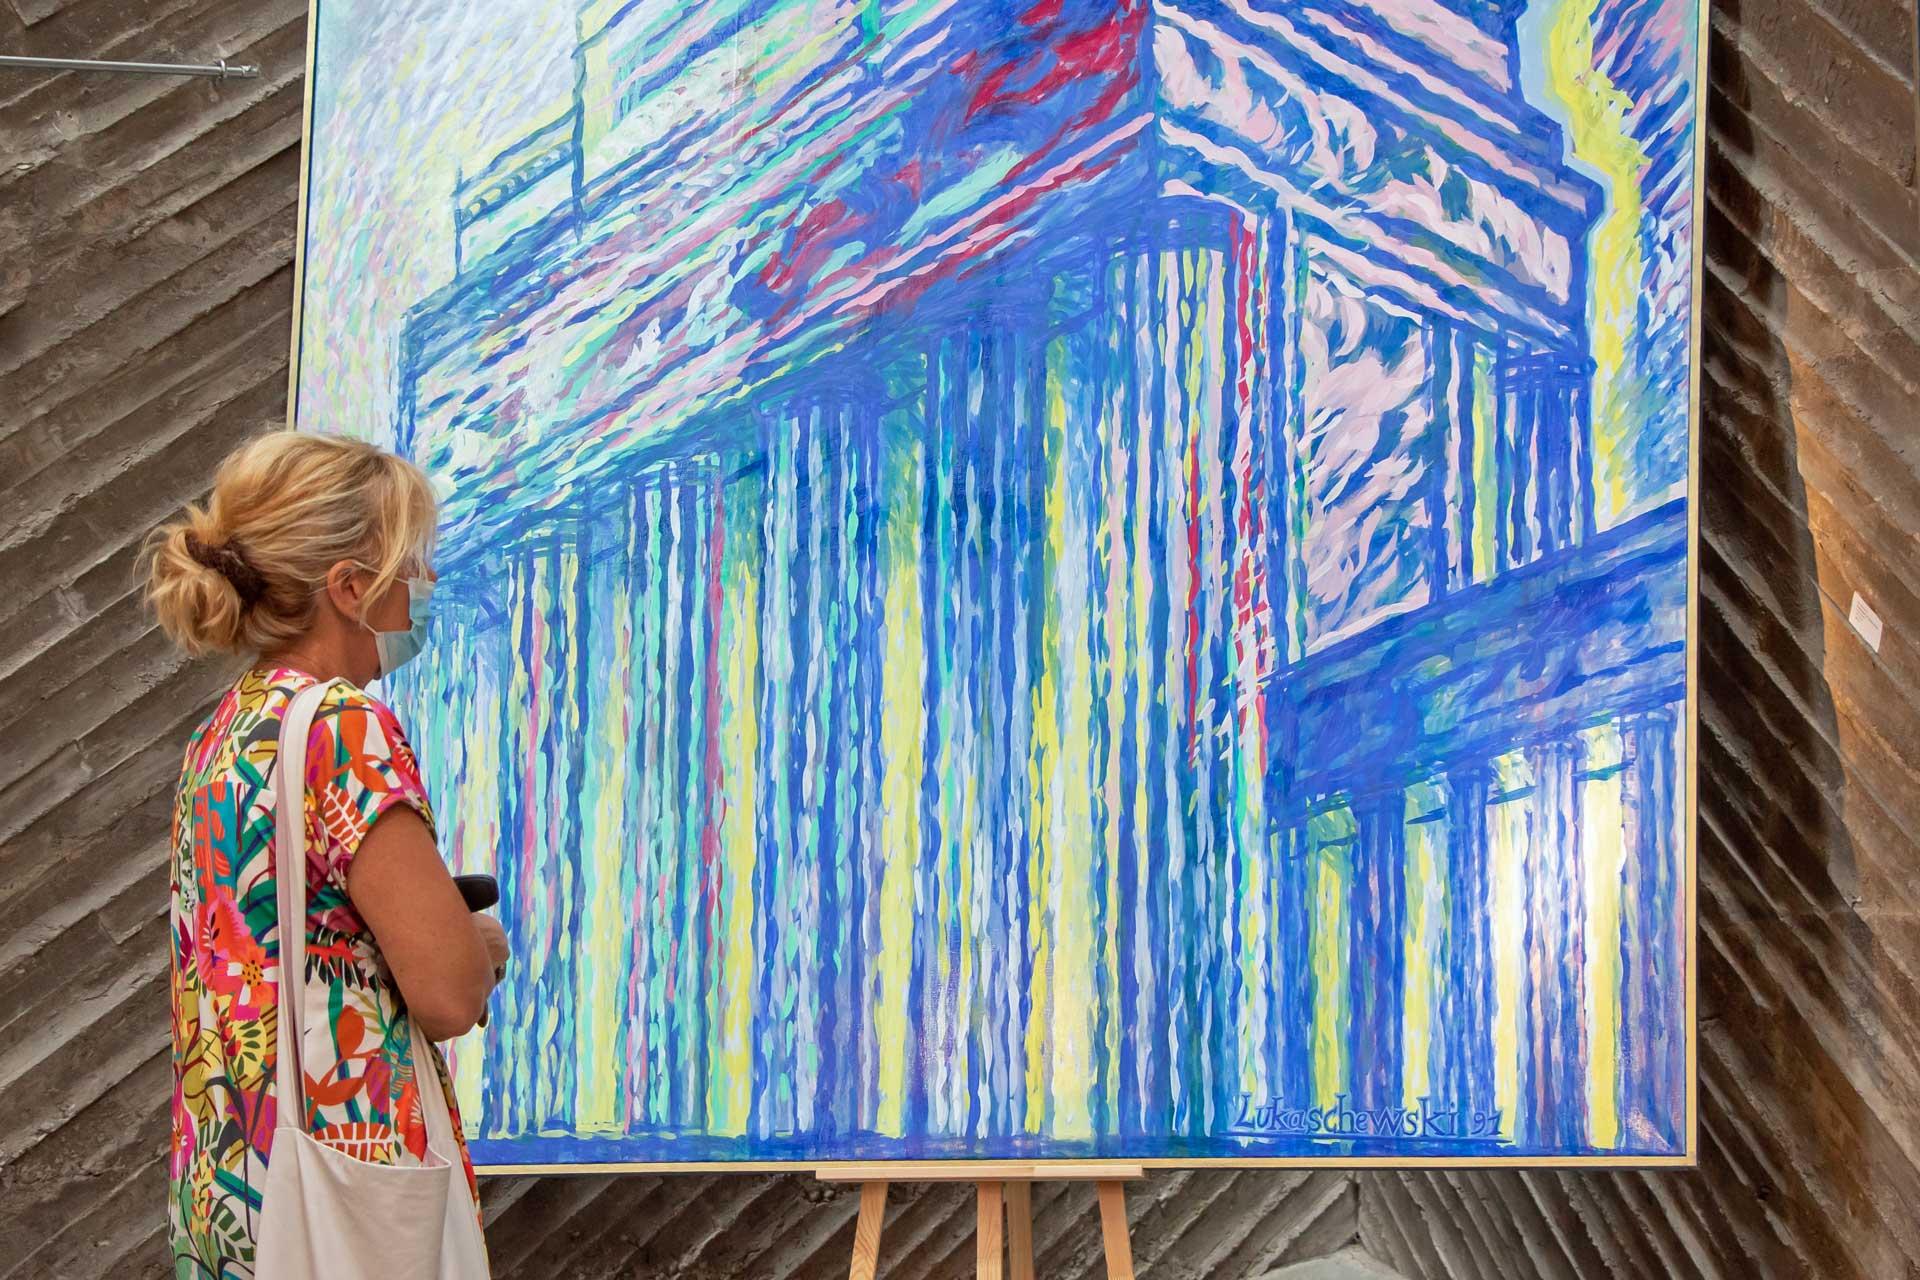 Eine Frau betrachtet ein großformatiges Gemälde des Brandenburger Tors von Rolf Lukaschewski